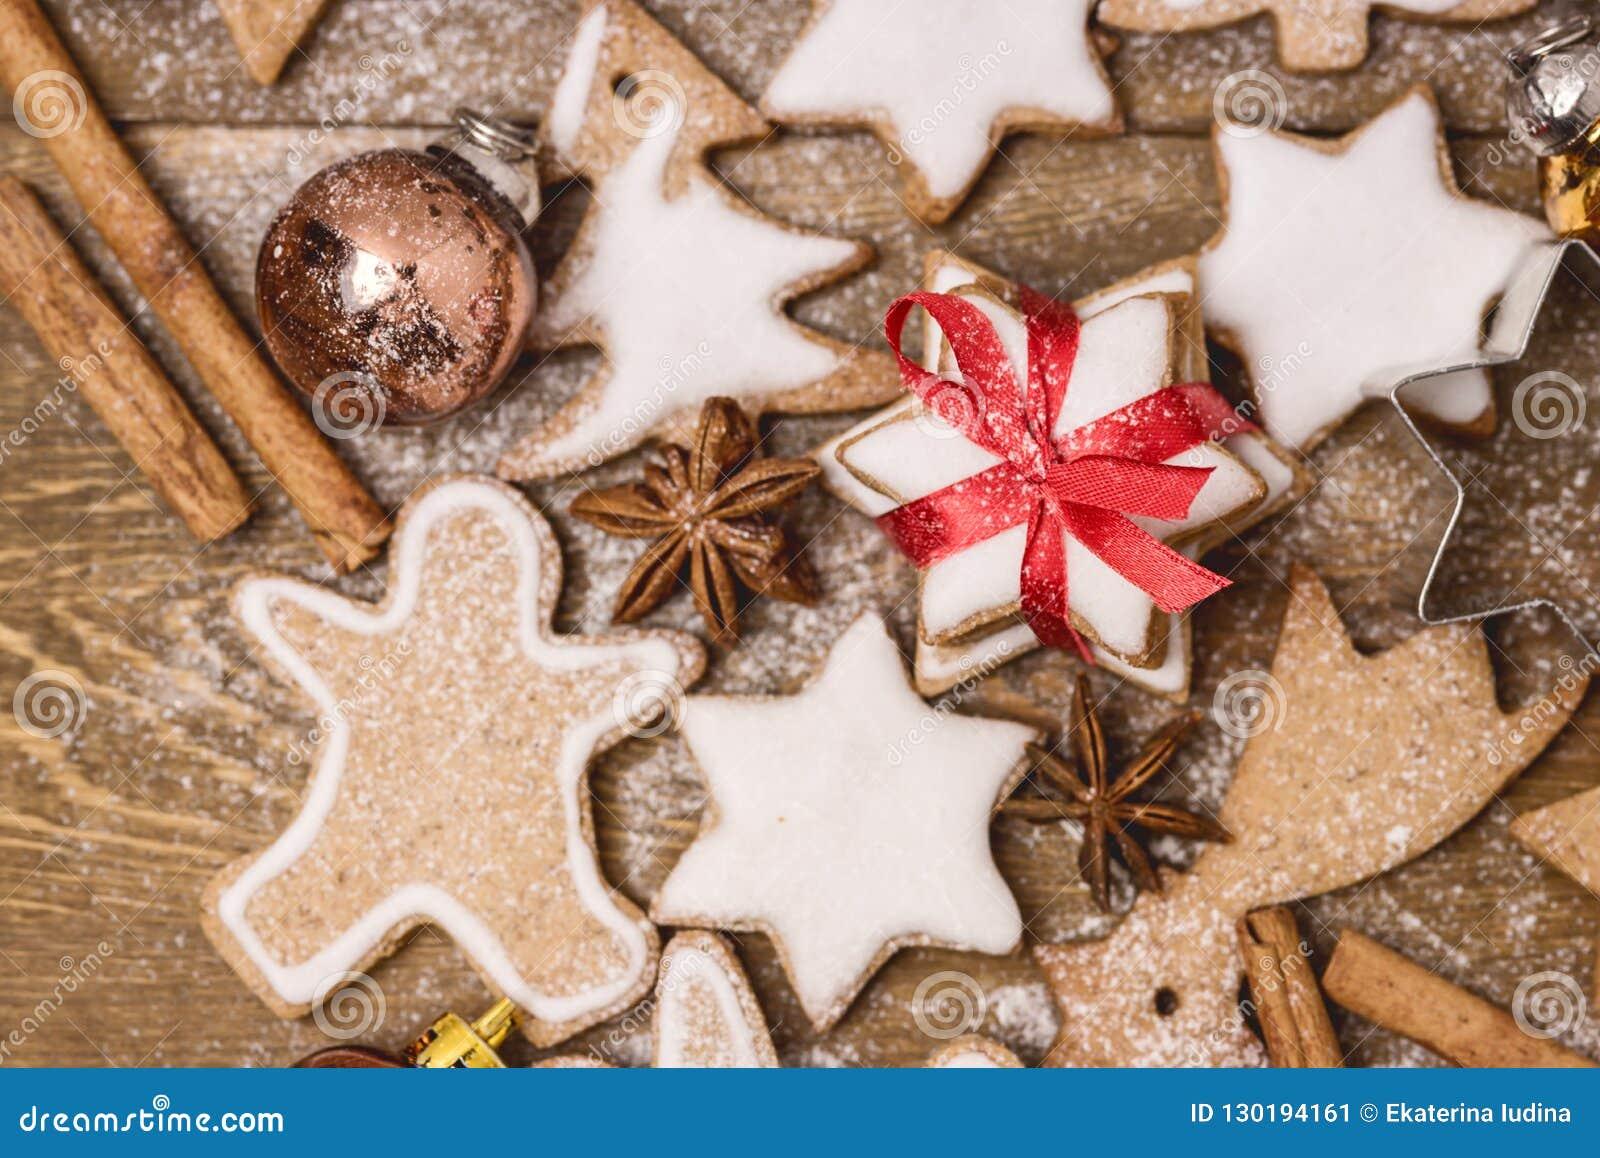 Hemlagade pepparkakakakor för jul på mannen för pepparkaka för mat för träjul för bakgrundsjulbakgrund den horisontalsöta